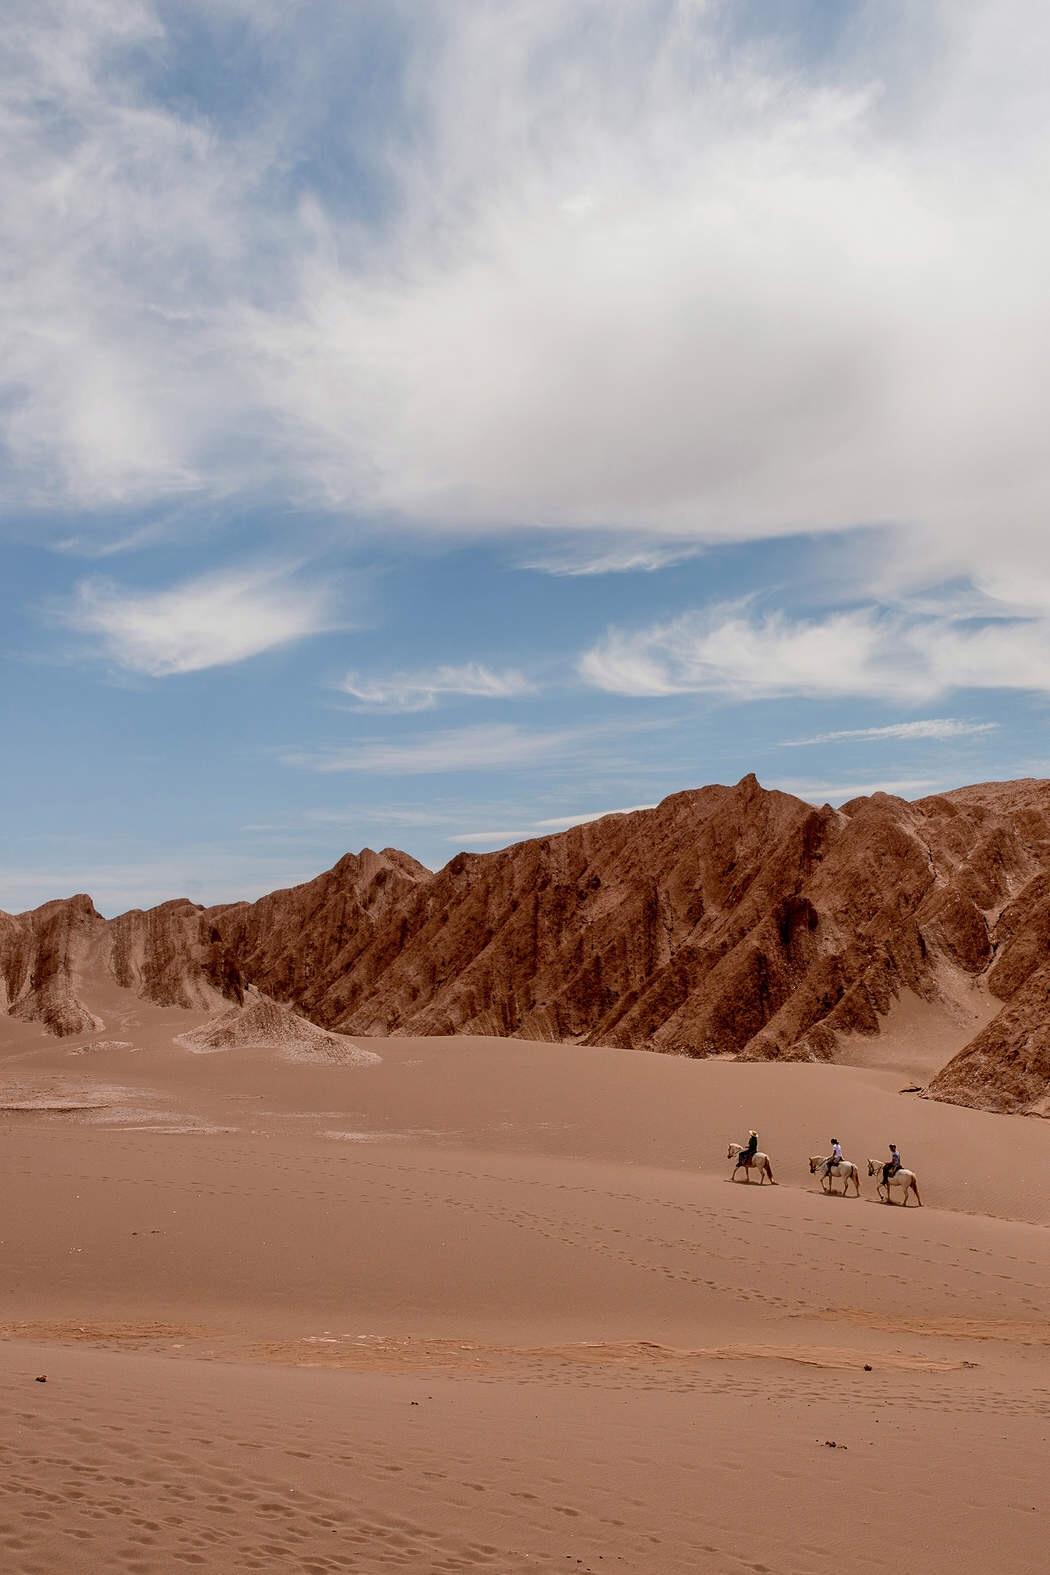 Valle de la Muerte, Desierto de Atacama, Chile. Foto: Tomas Munita, The New York Times